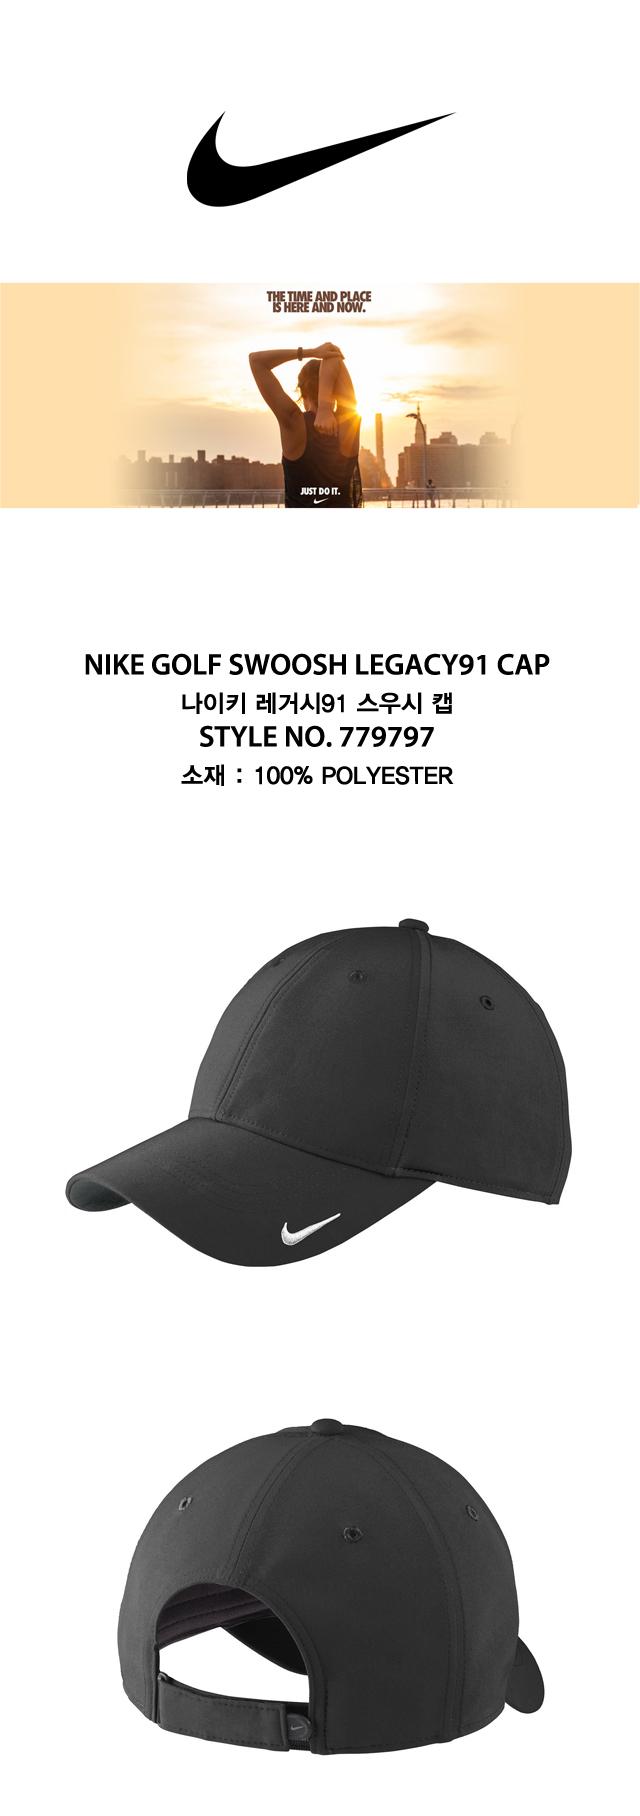 레거시91 스우시 캡 정품 볼캡 모자 779797 블랙 - 나이키, 27,000원, 모자, 볼캡/스냅백